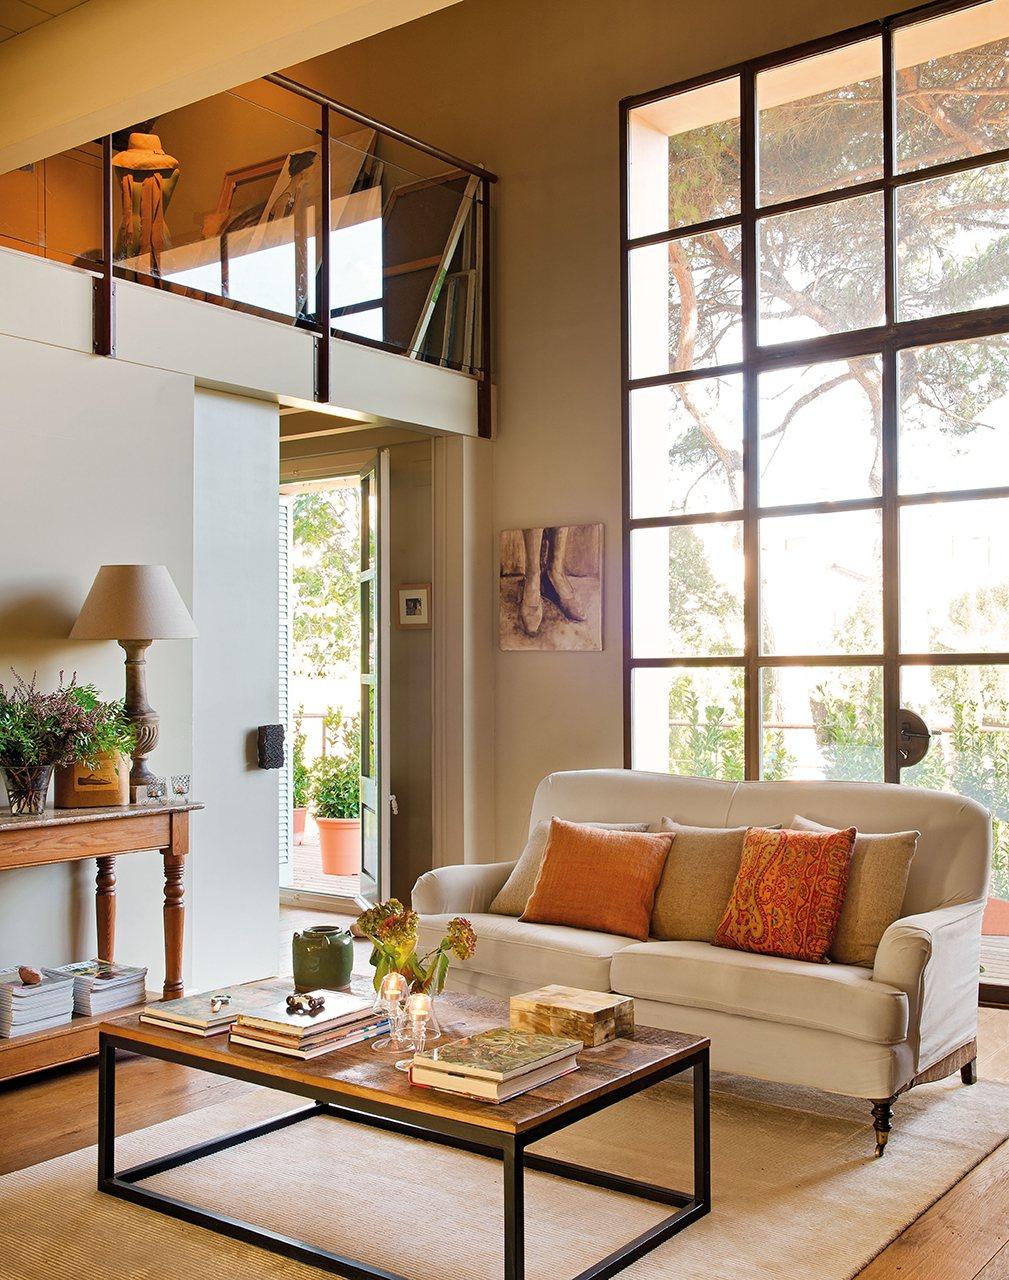 C mo renovar las puertas y ventanas de casa for Modernizar puertas interior